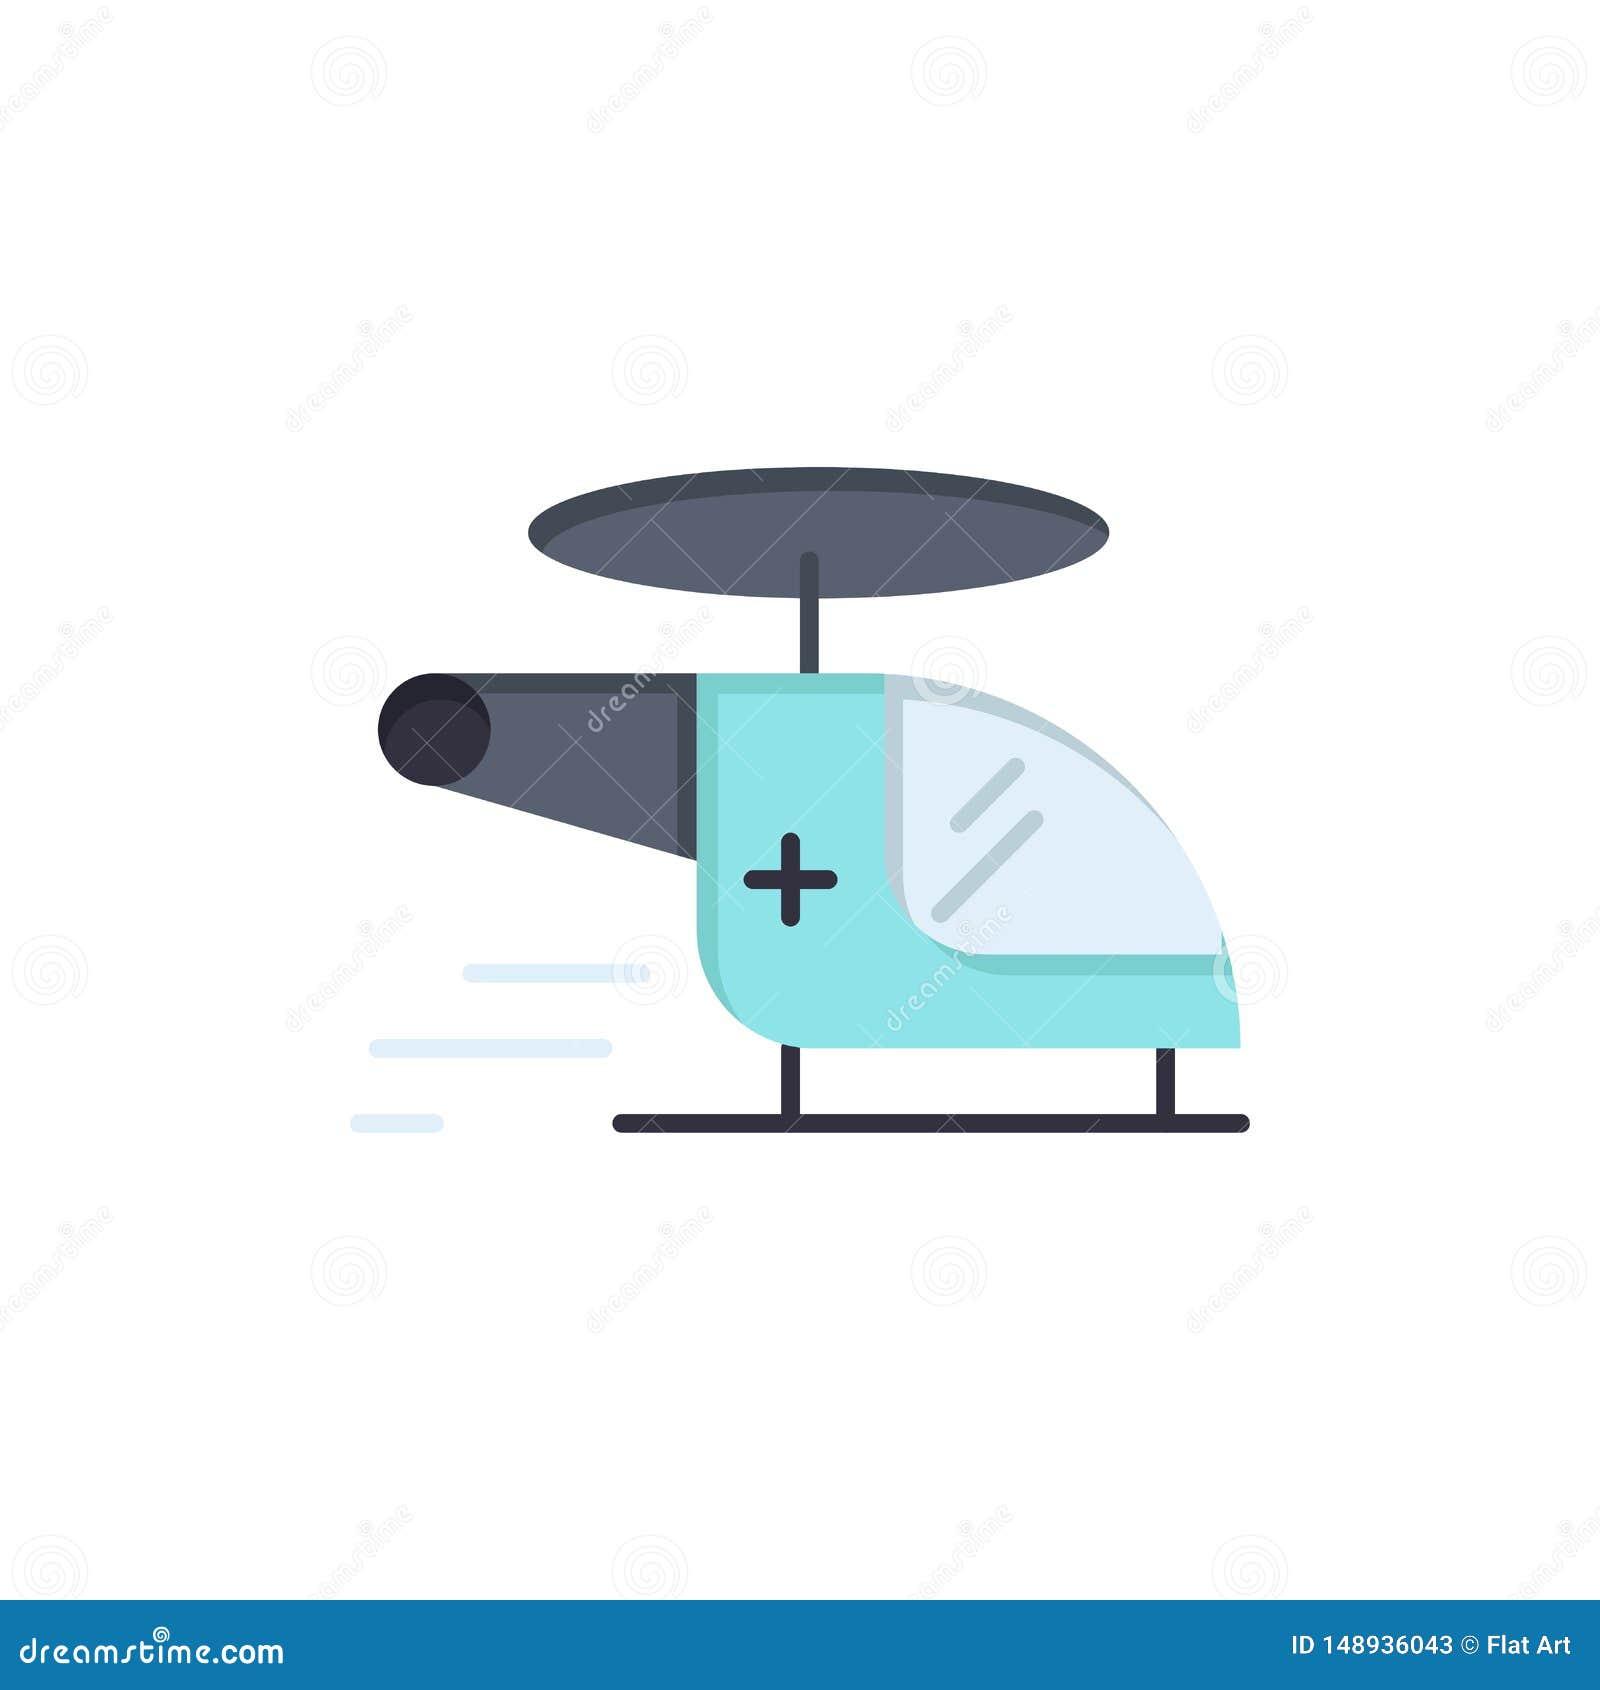 Hubschrauber, Zerhacker, medizinisch, Krankenwagen, Luft-flache Farbikone Vektorikonen-Fahne Schablone